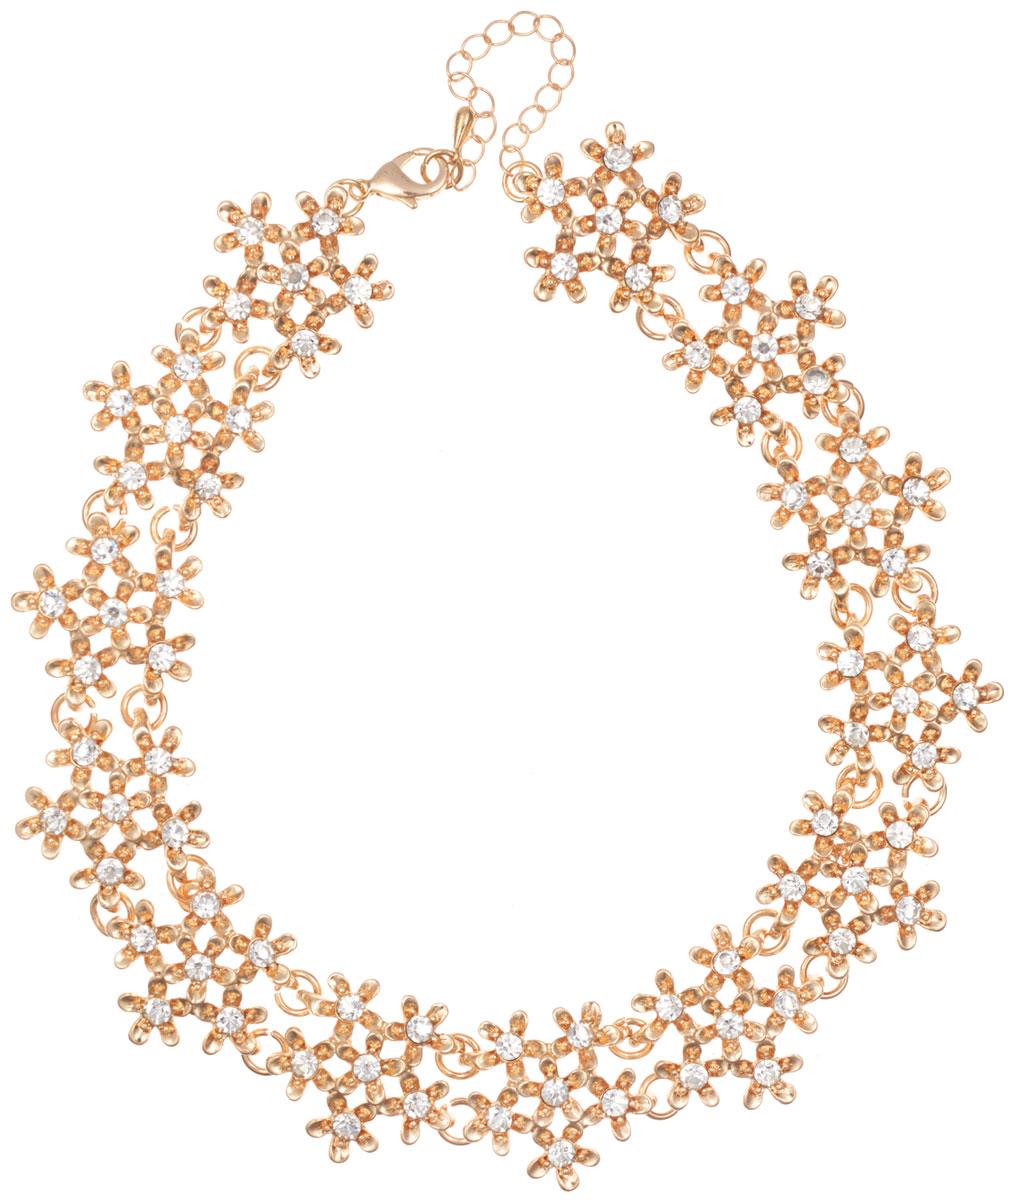 Ожерелье Taya, цвет: золотистый. T-BОжерелье (короткие многоярусные бусы)Элегантное ожерелье Taya, выполнено из бижутерийного сплава. Изделие состоит из элементов в форме цветков, скрепленных между собой и дополненных вставками из стеклянных стразов.Ожерелье застегивается на практичный замок-карабин, длина регулируется за счет дополнительных звеньев.Стильное ожерелье придаст вашему образу изюминку, подчеркнет индивидуальность.